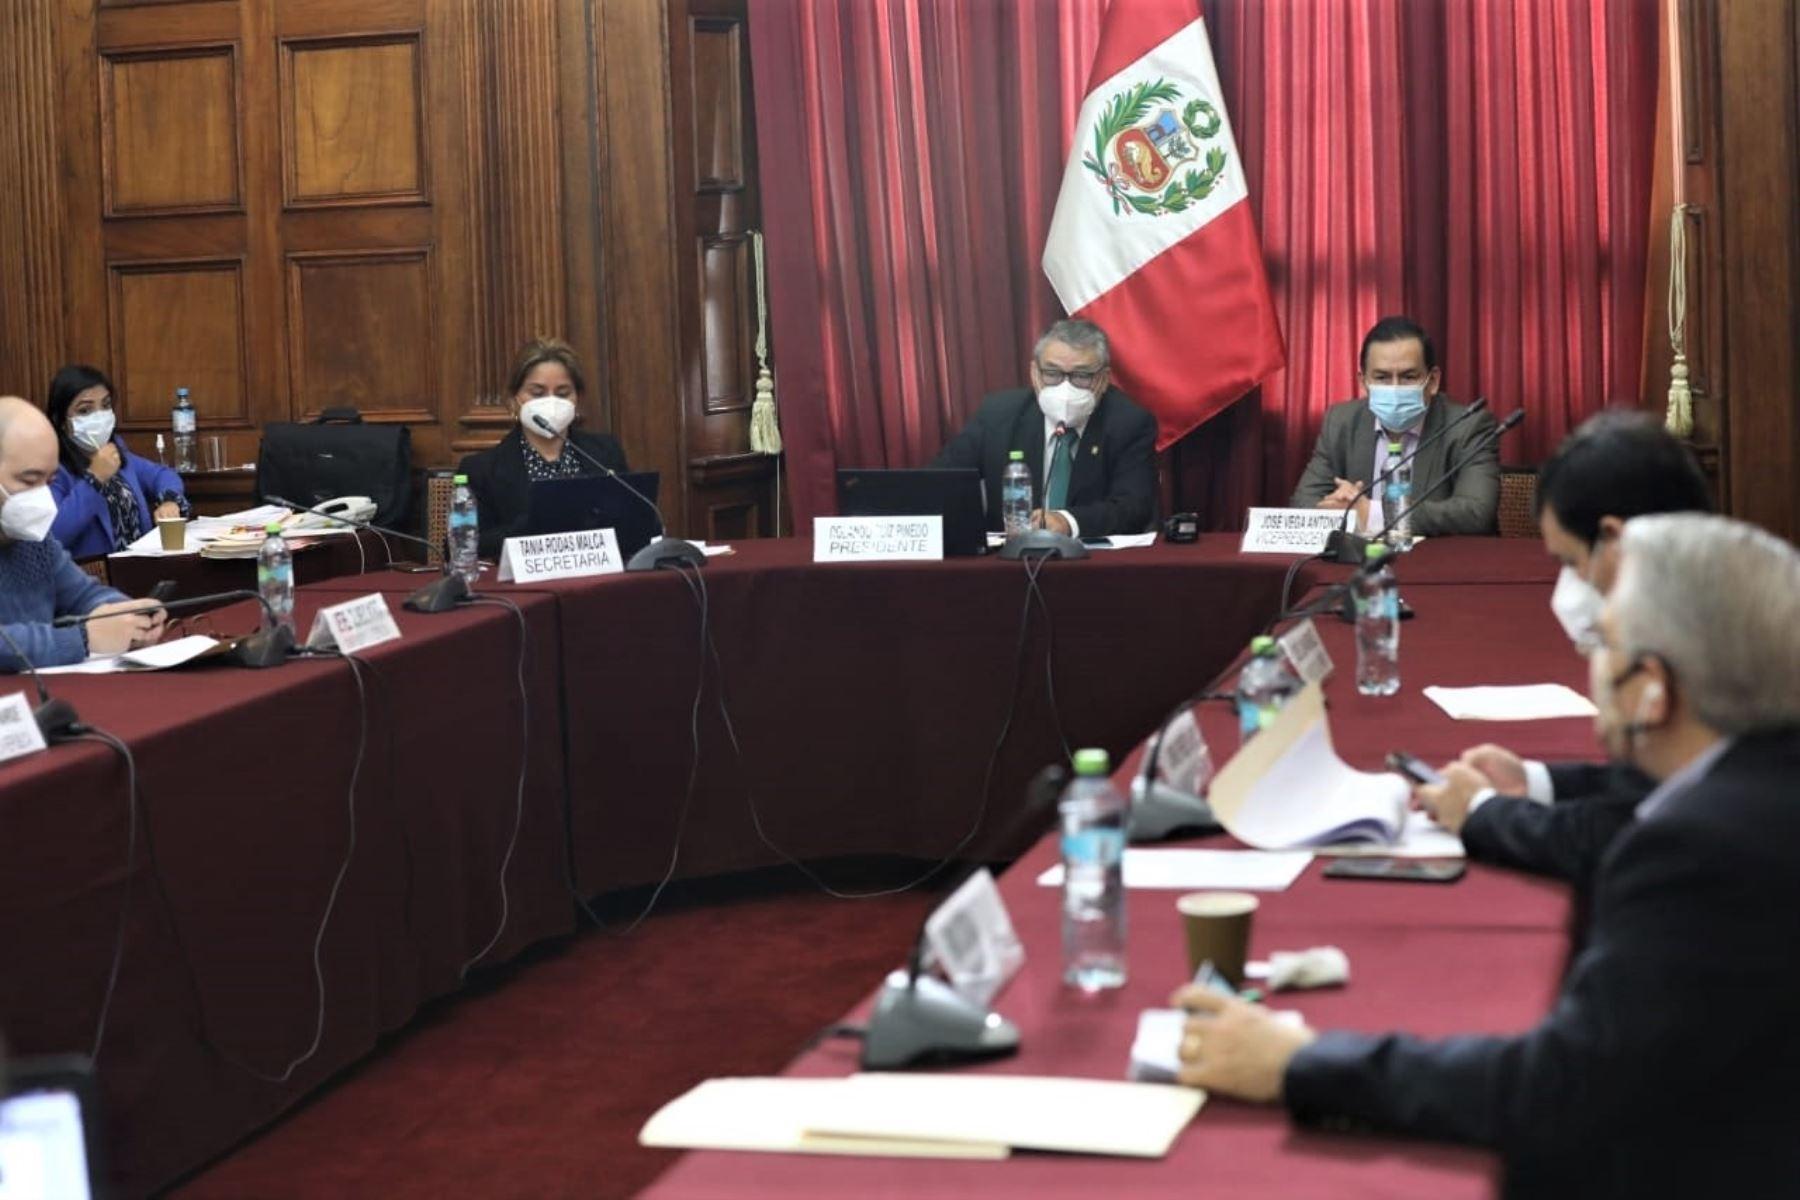 Congresista Rolando Ruíz, presidente de la comisión especial encargada de seleccionar a los candidatos al Tribunal Constitucional (TC)